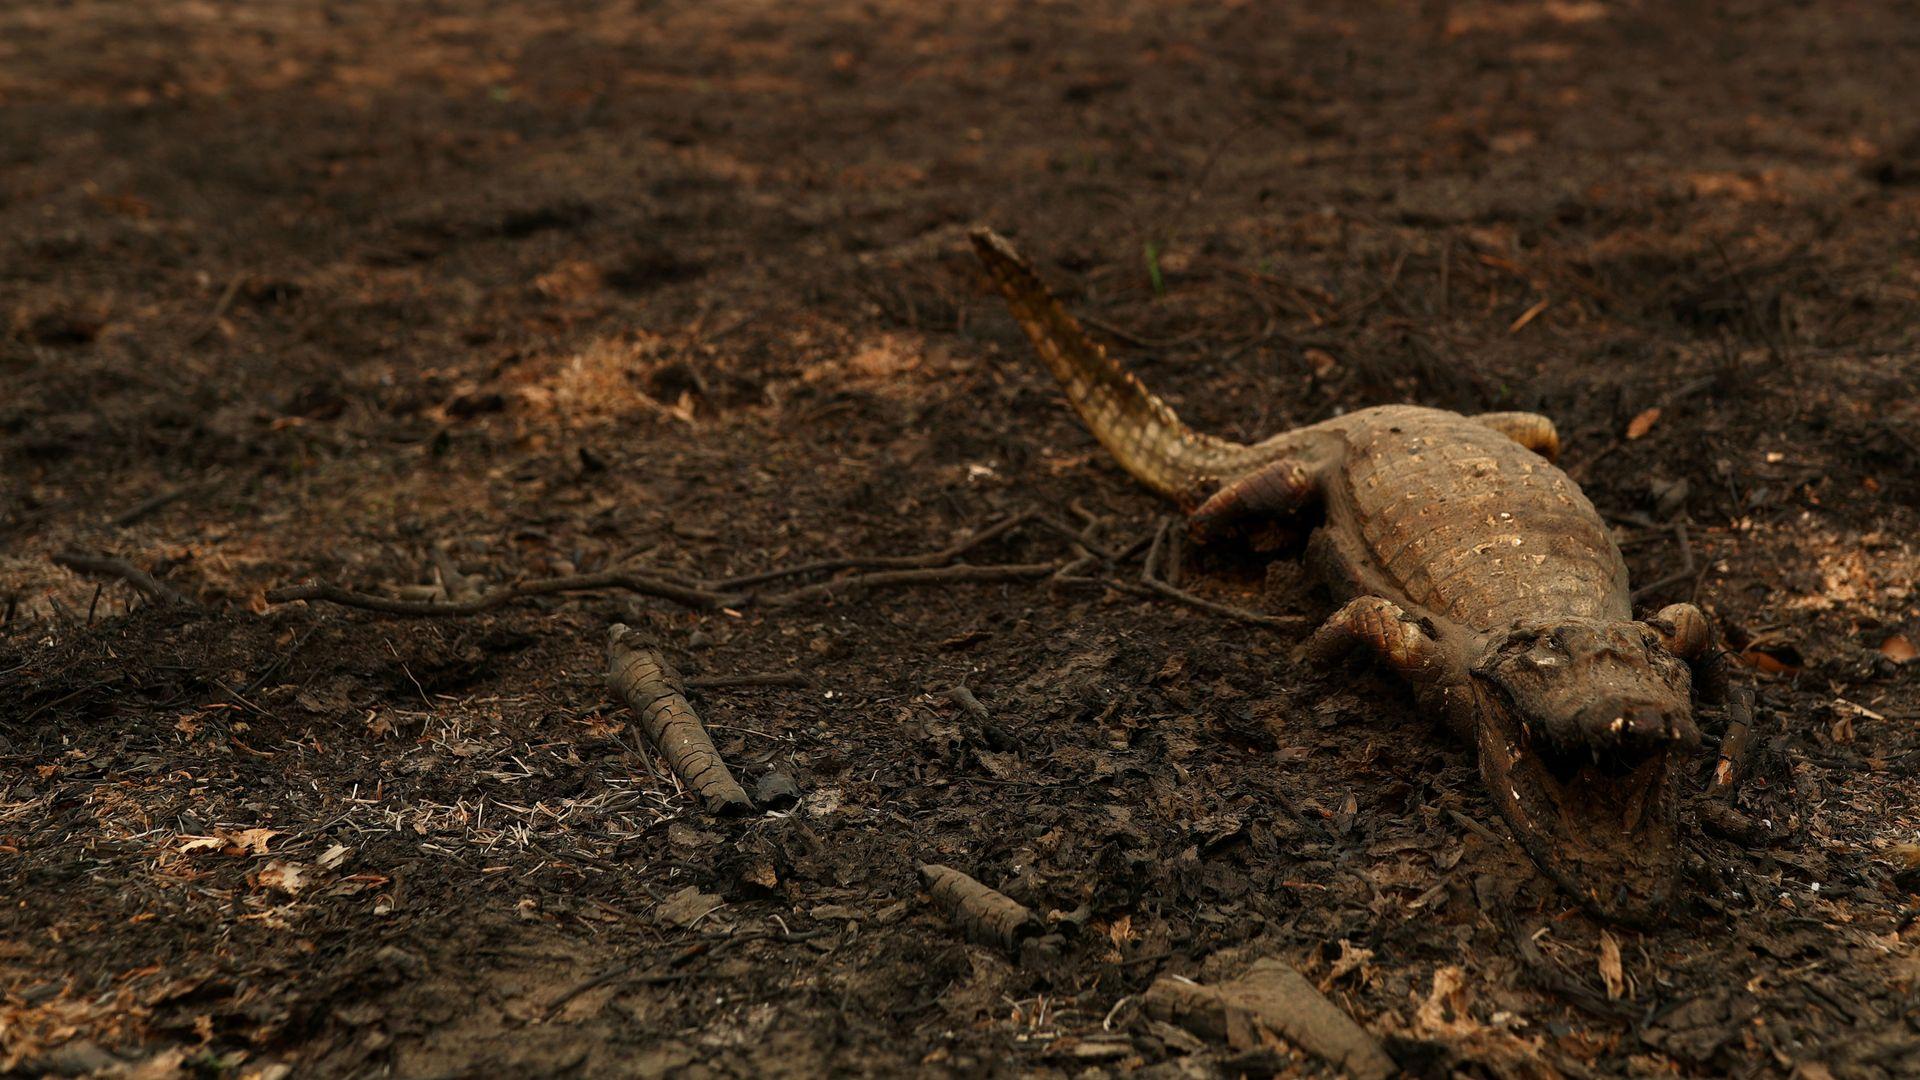 Um jacaré morto é fotografado em uma área que foi queimada em um incêndio no Pantanal.